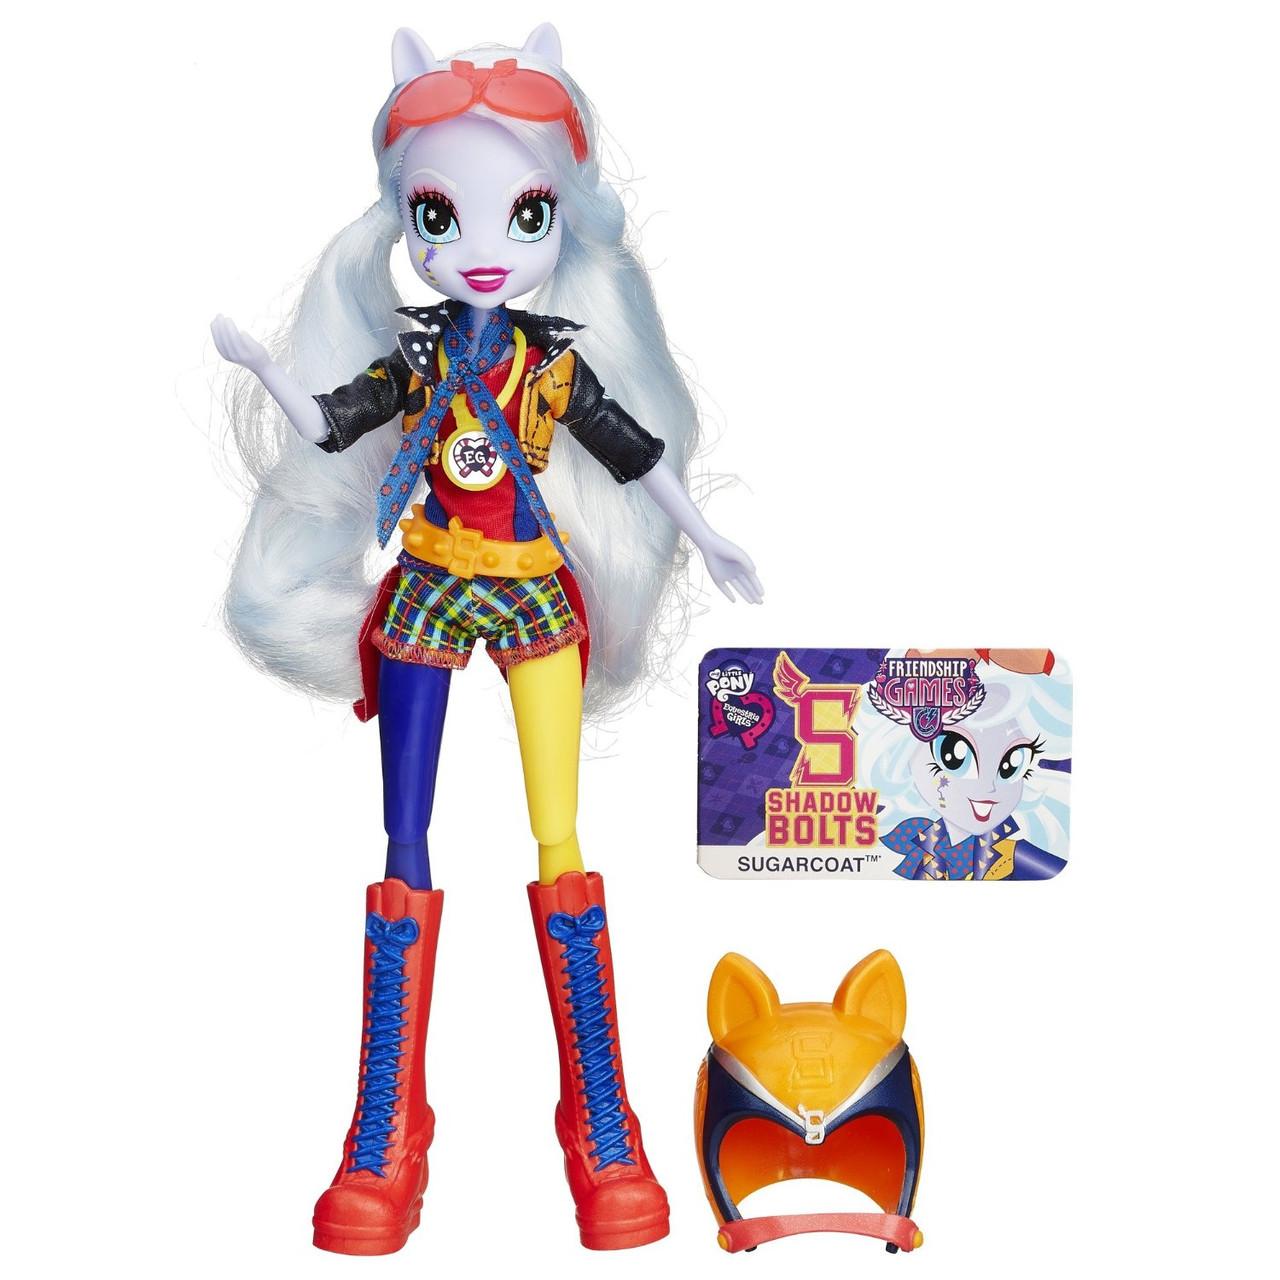 Кукла Шугаркоат Май Литл Пони спортивный стиль для мотокросса из серии Игры Дружбы